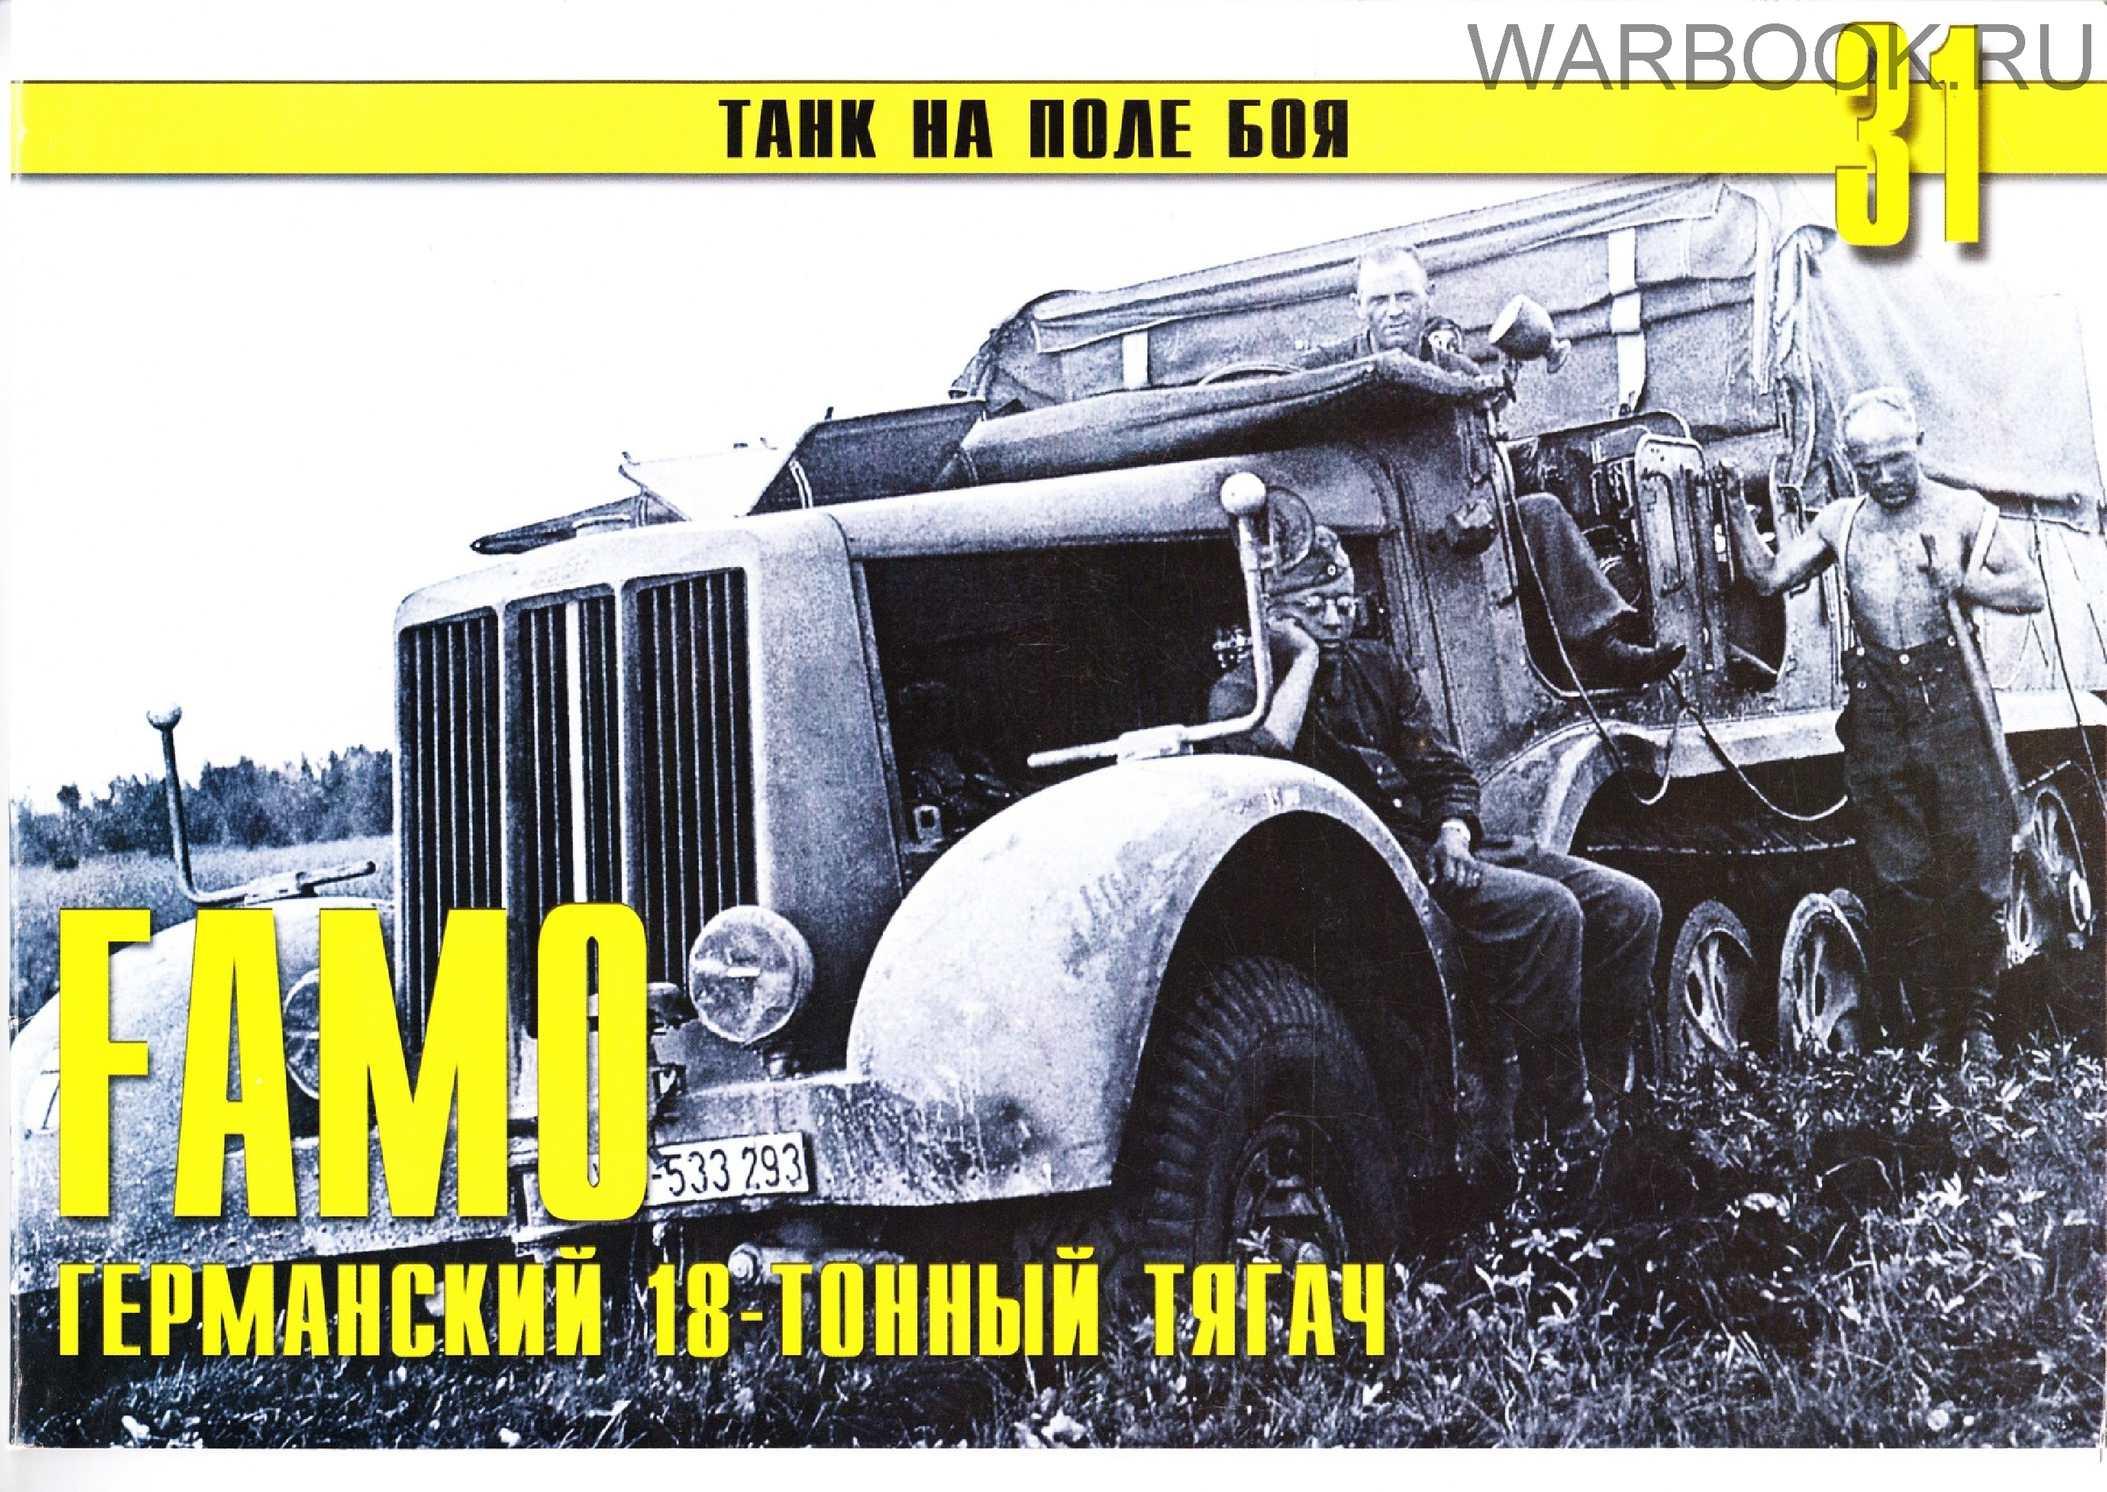 Танк на поле боя 31 - FAMO германский 18-тонный тягач ч1